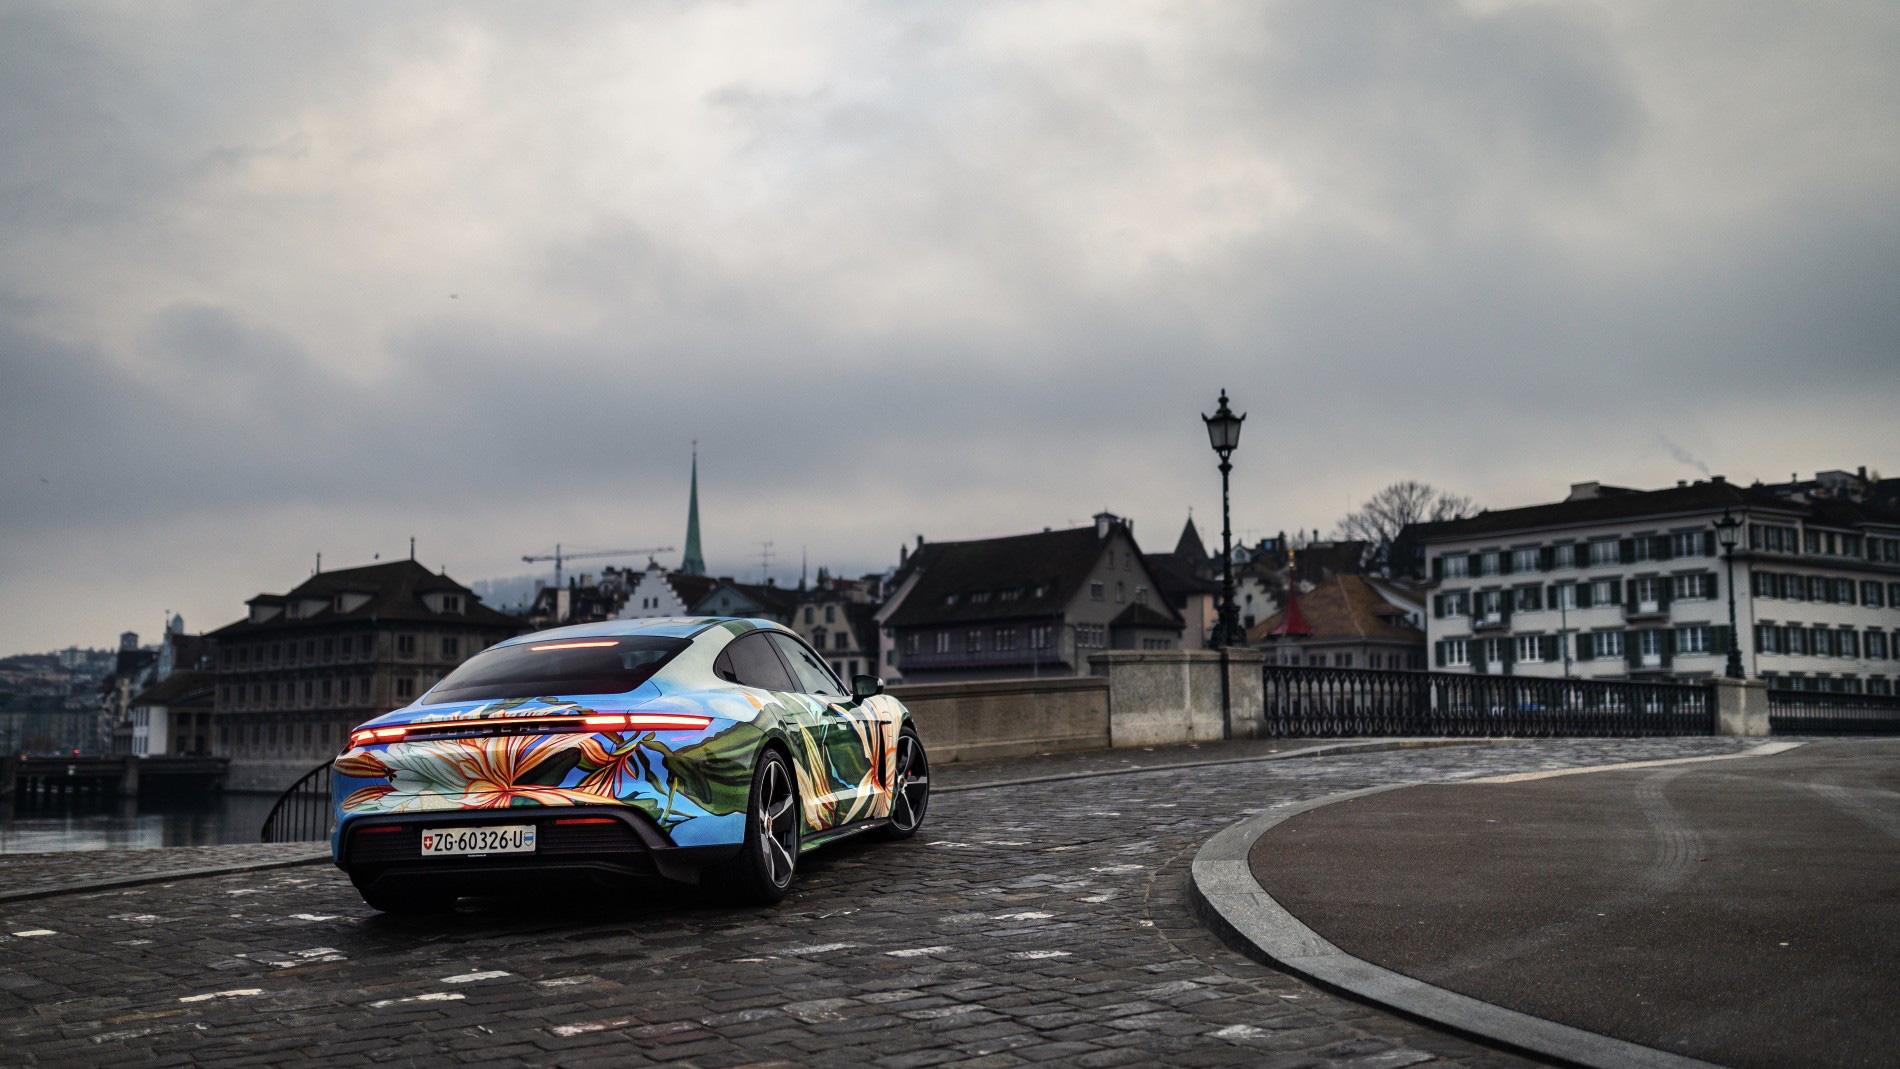 """Siêu xe nghệ thuật Porsche Taycan """"Nữ Hoàng Bóng Đêm"""" được bán với giá 200.000 USD - Ảnh 1."""